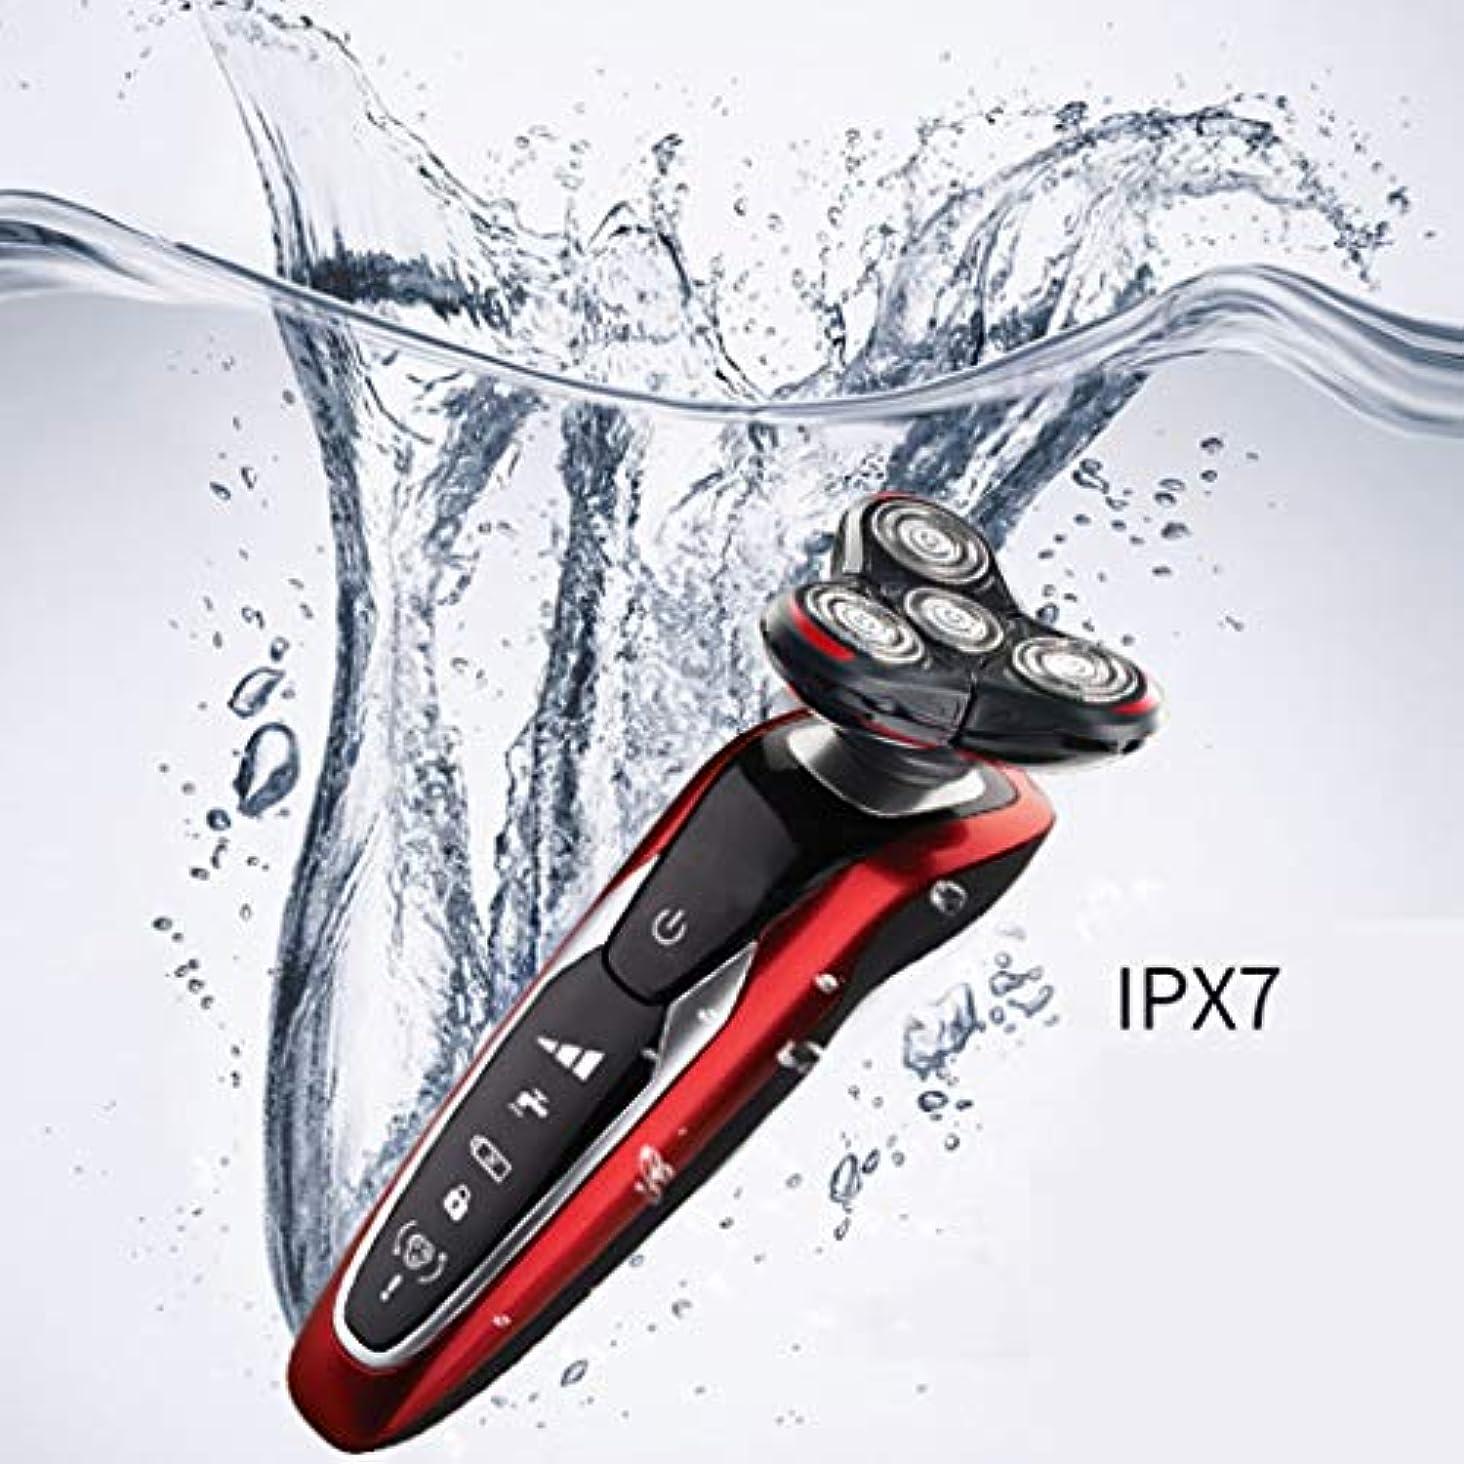 ソフィー流産深遠防水電気かみそり、4ヘッドデザイン/ 4 Dフローティングベニヤ、クリップひげを防ぐウェット&ドライ/スマート、ギフト